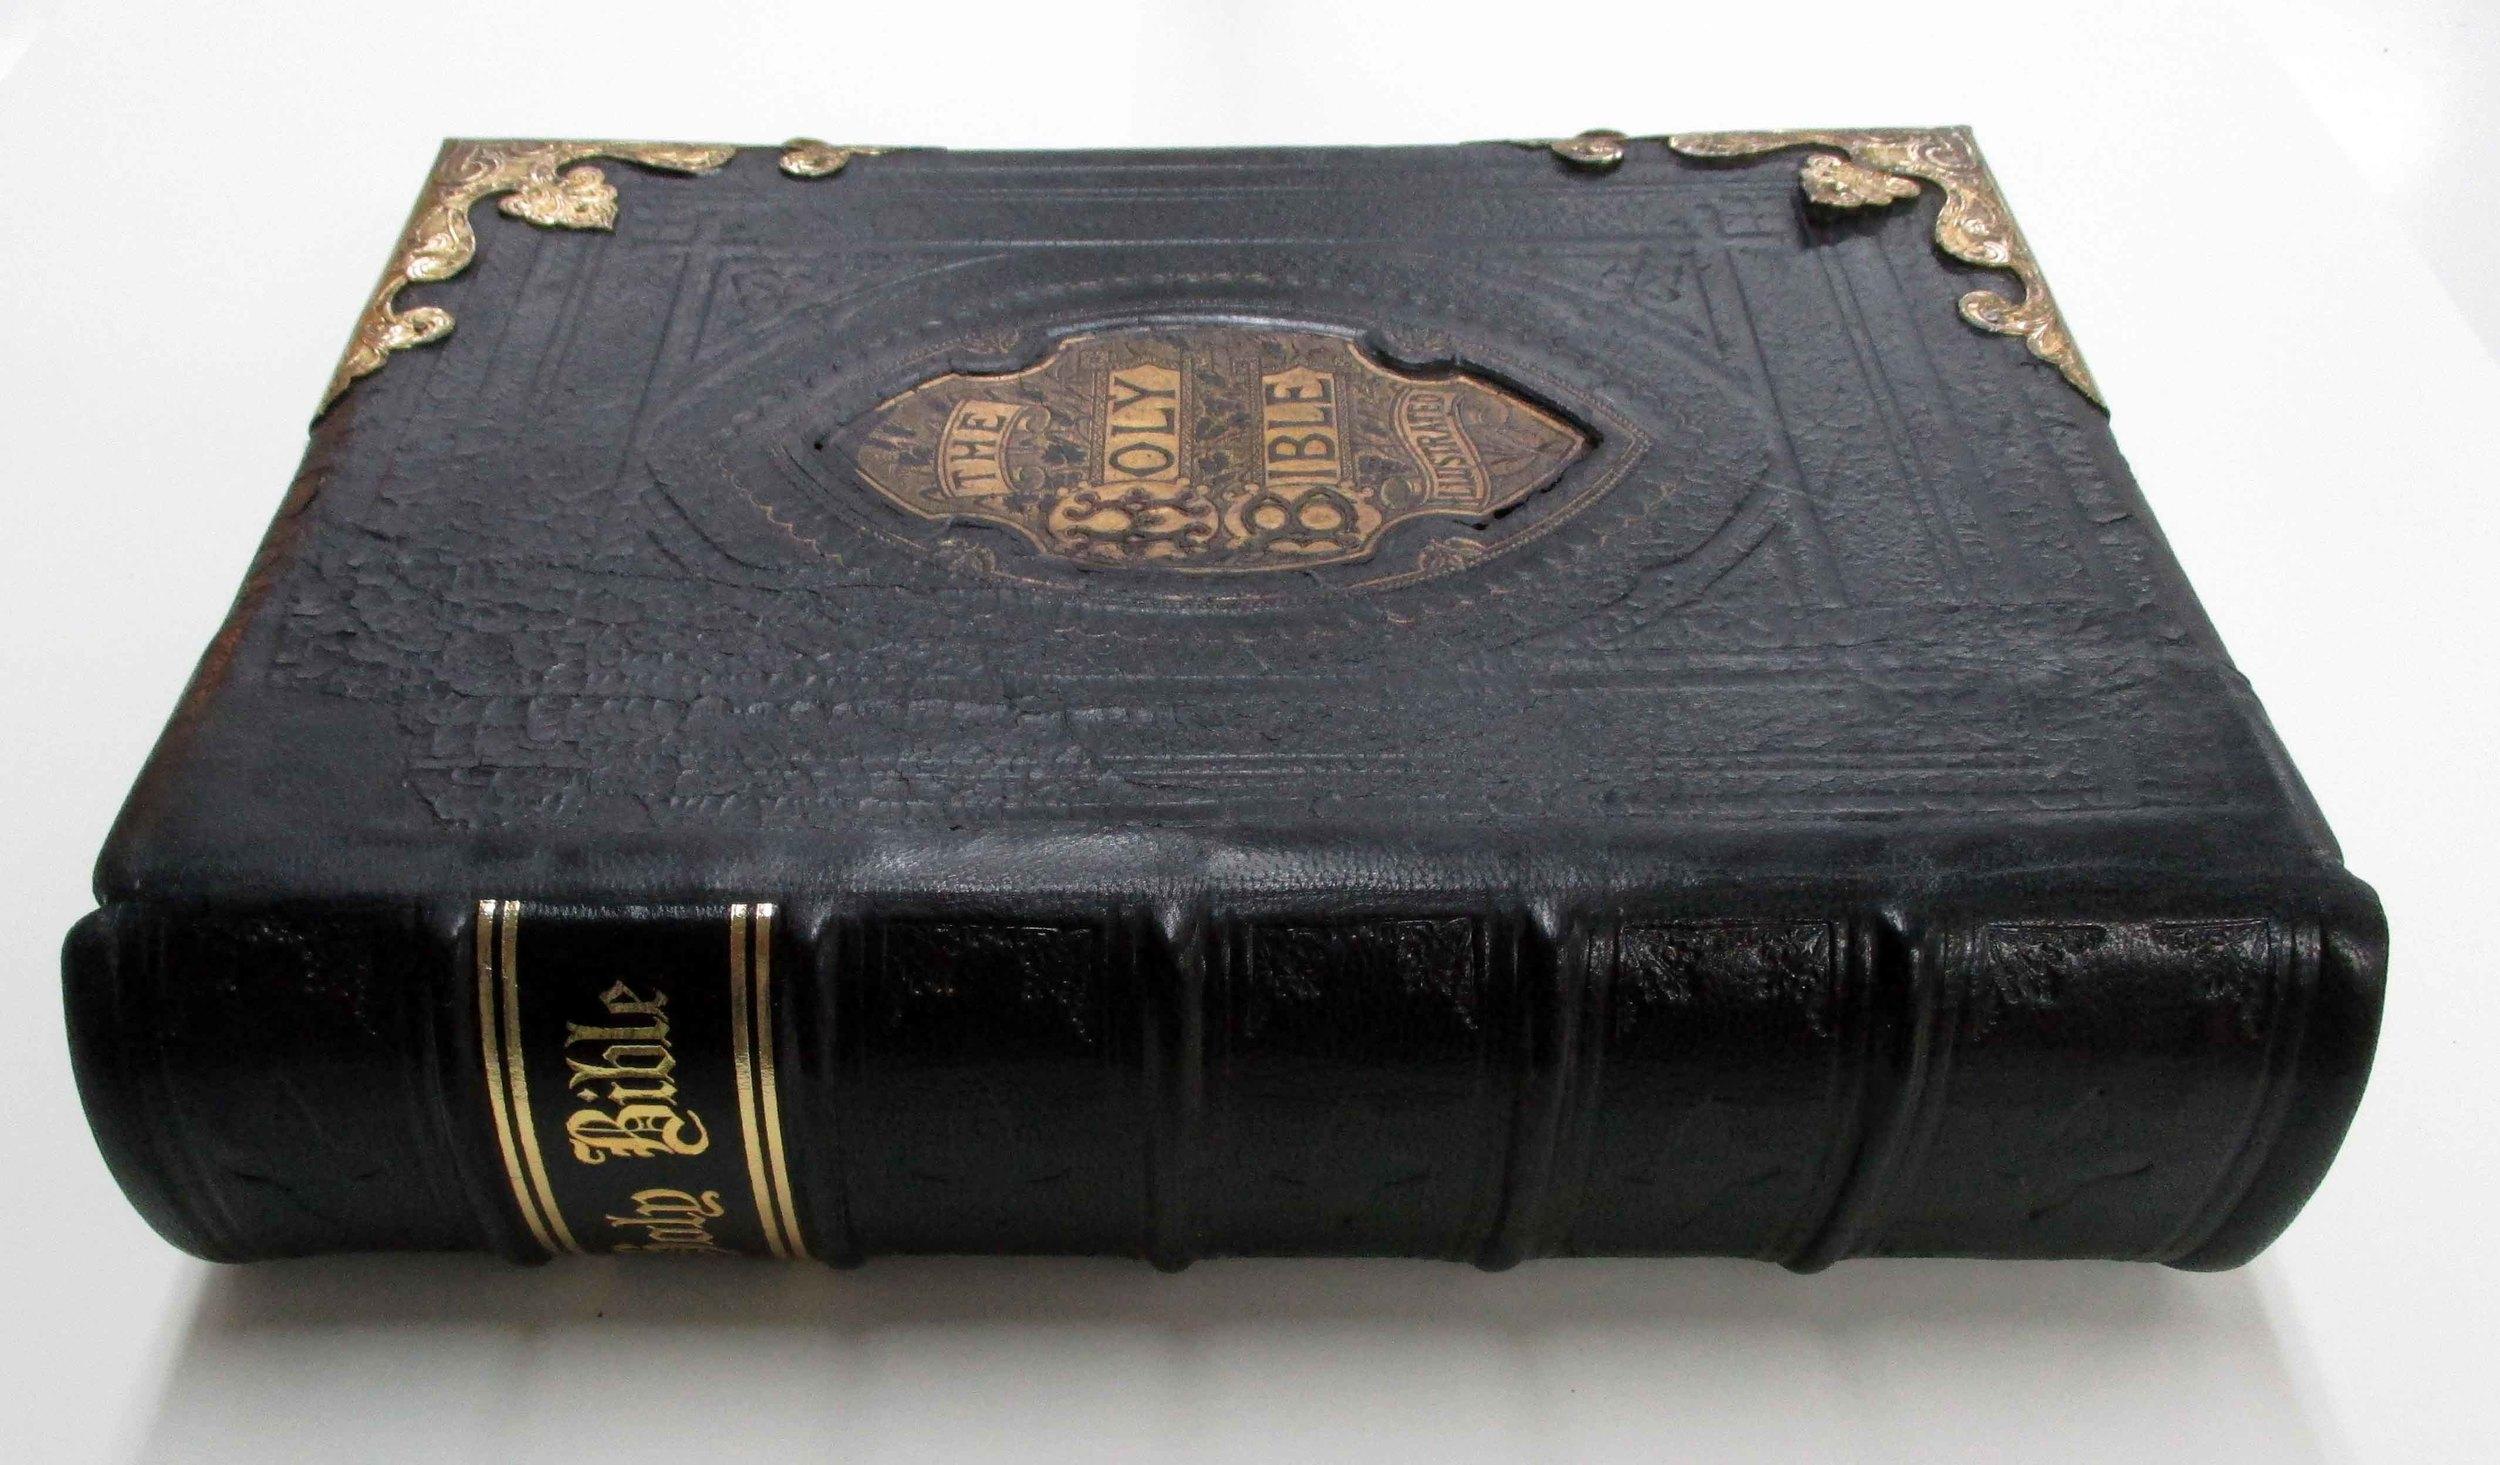 Bible repair Holy book repair